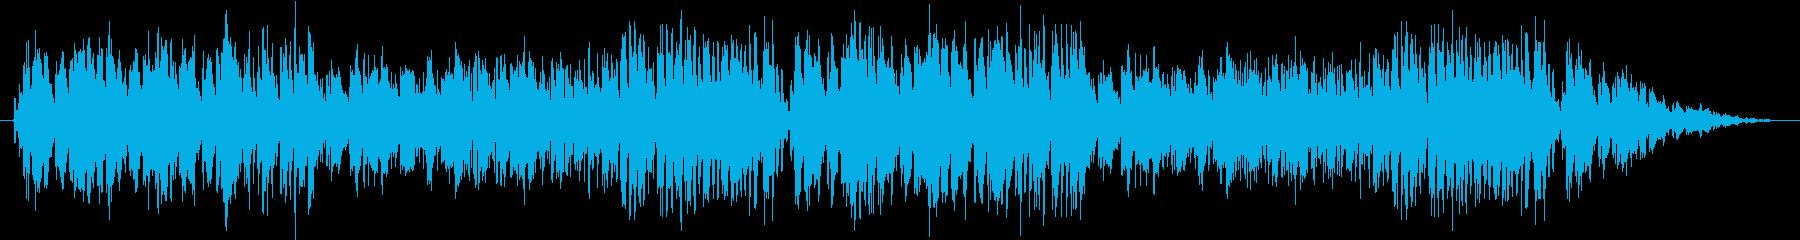 魔女の使い魔(奇妙)【クラシック】の再生済みの波形